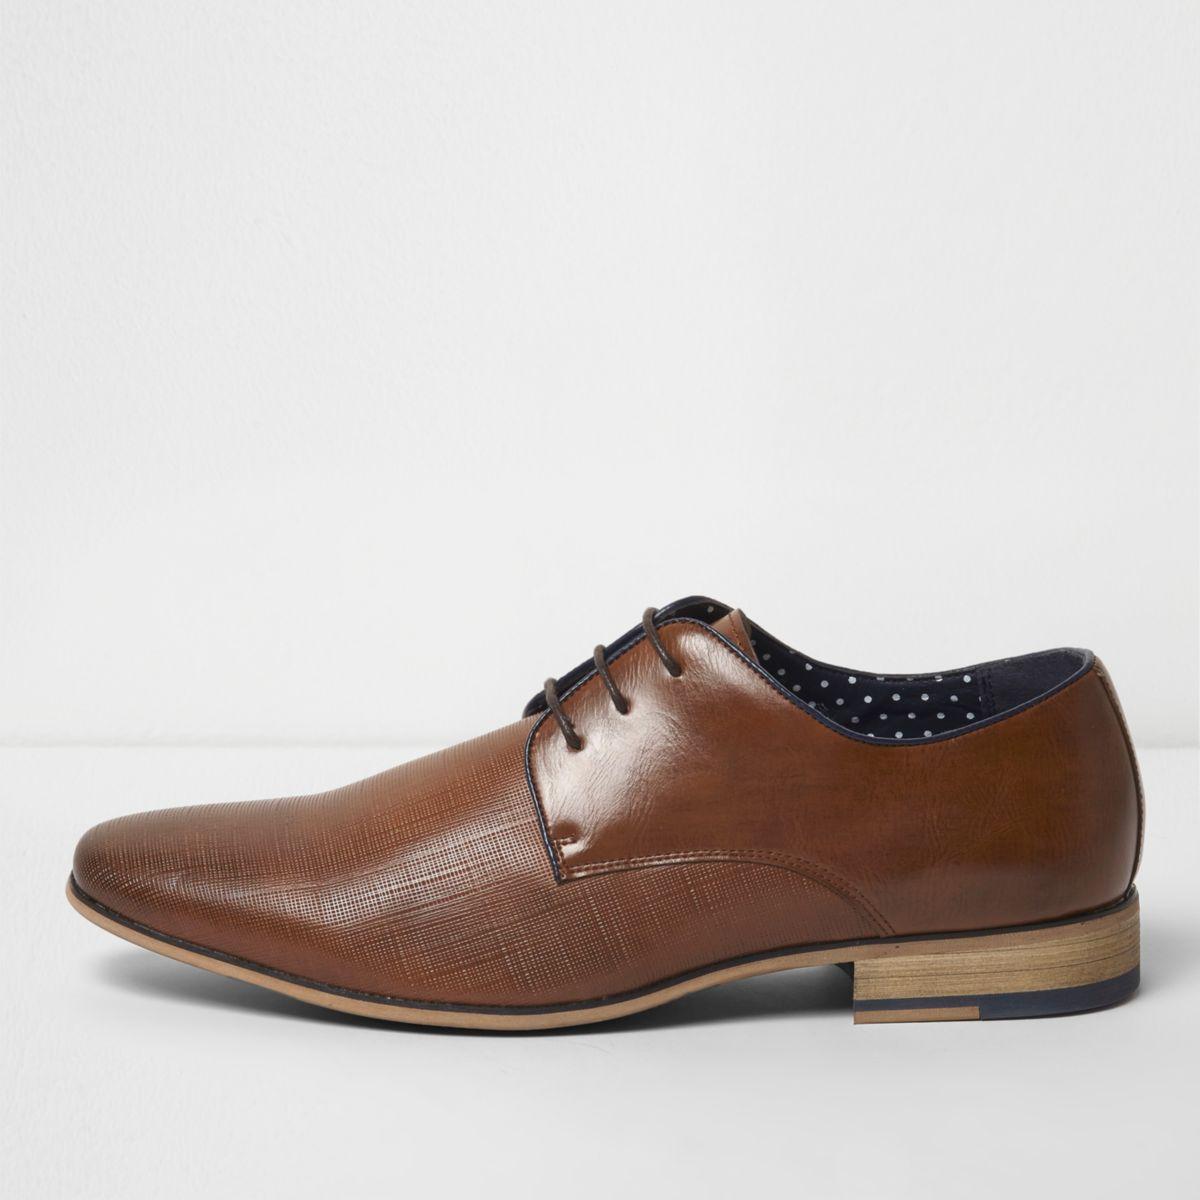 Chaussures habillées fauves à lacets